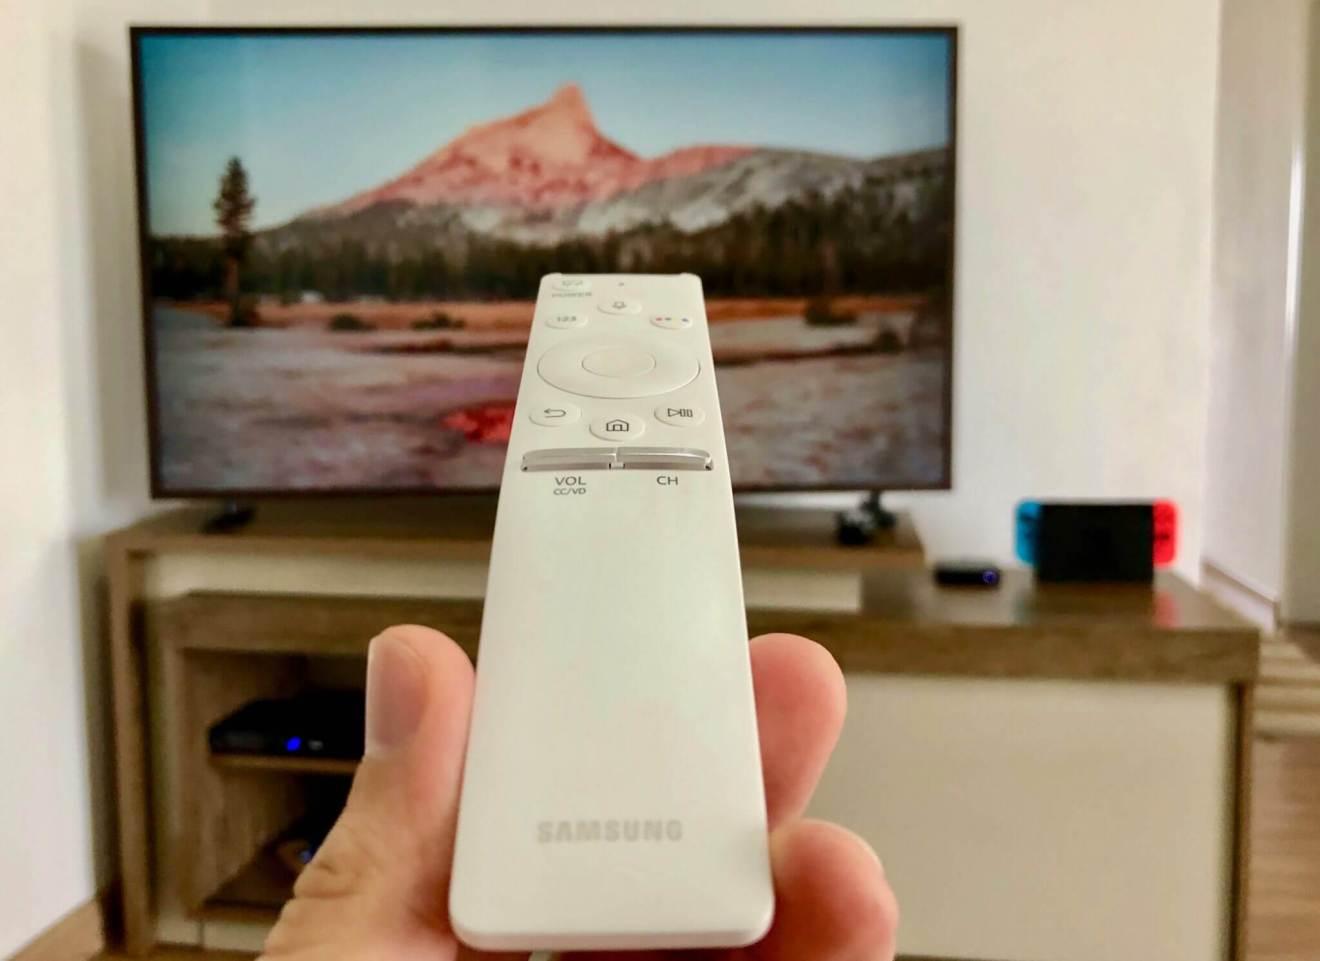 IMG 0041 2 - Review: Samsung The Frame TV, uma noite no museu